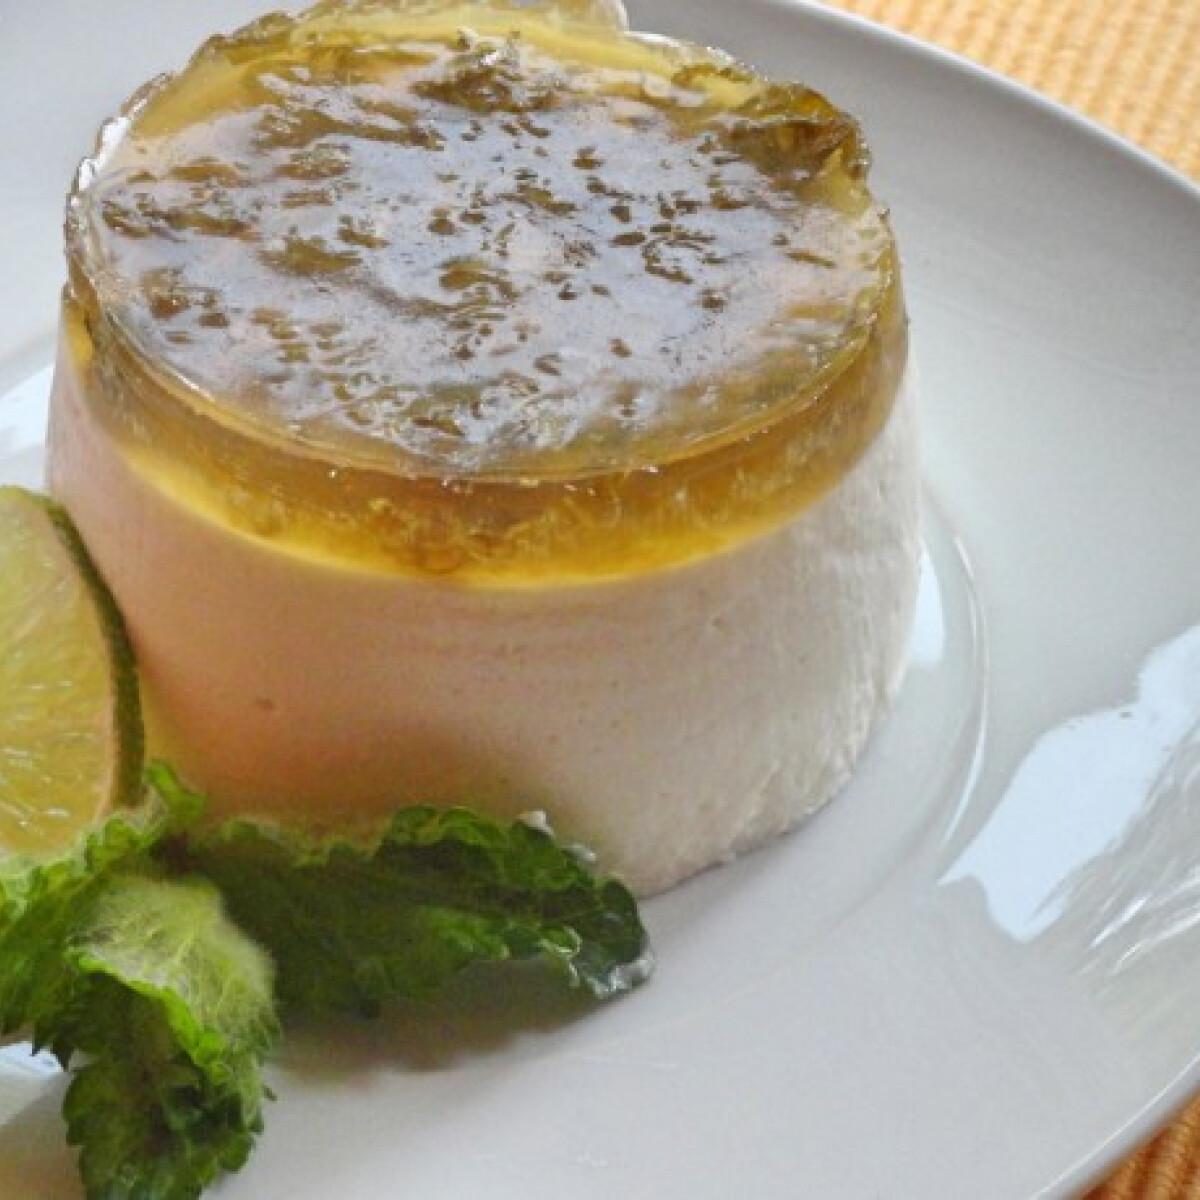 Ezen a képen: Lime-os joghurtkrém mentás almazselével